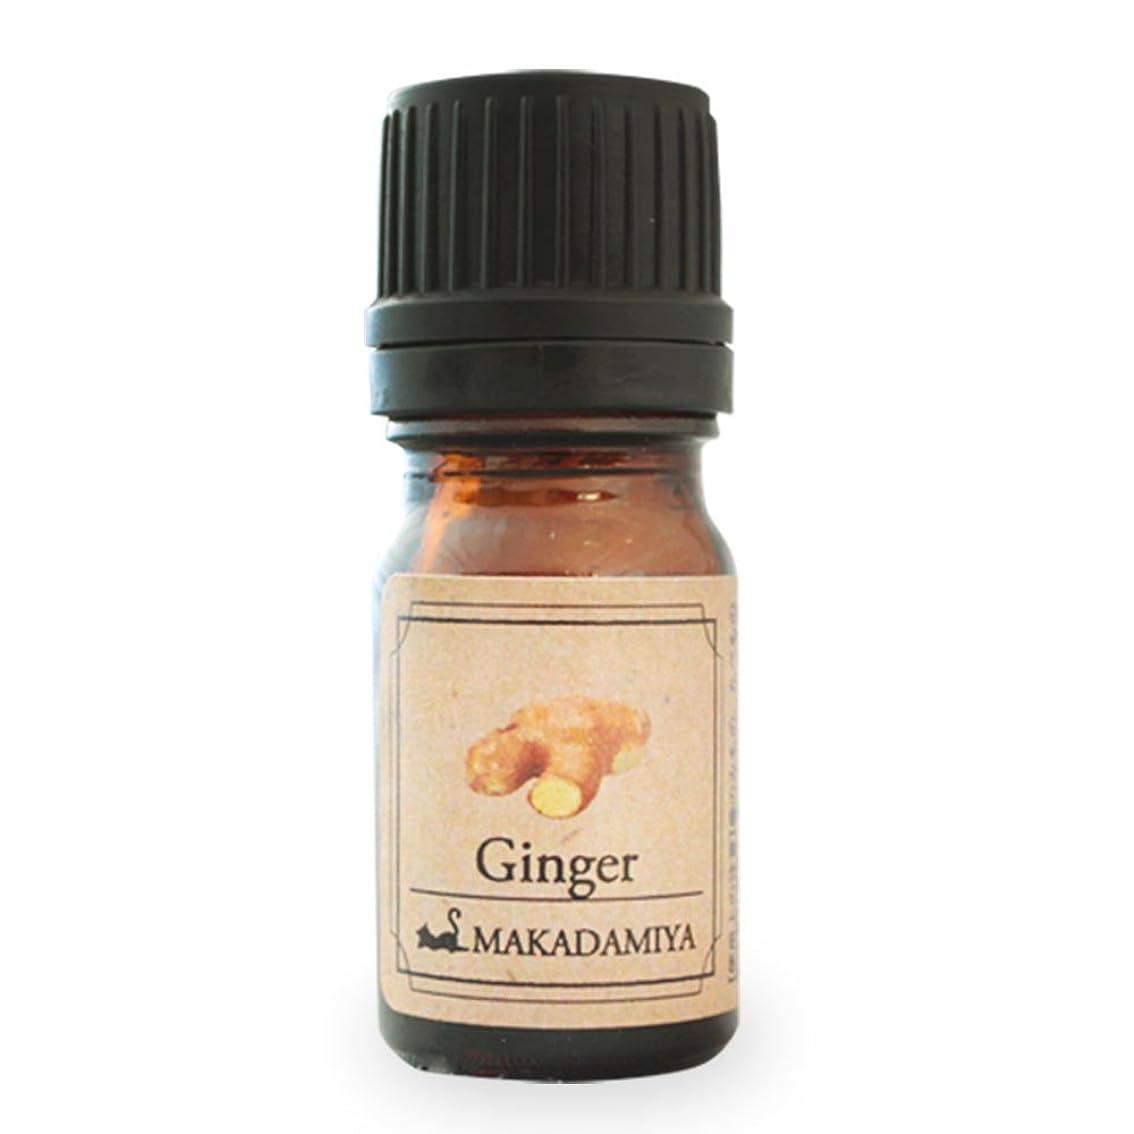 対応少なくとも発音するジンジャー5ml 天然100%植物性 エッセンシャルオイル(精油) アロマオイル アロママッサージ aroma Ginger